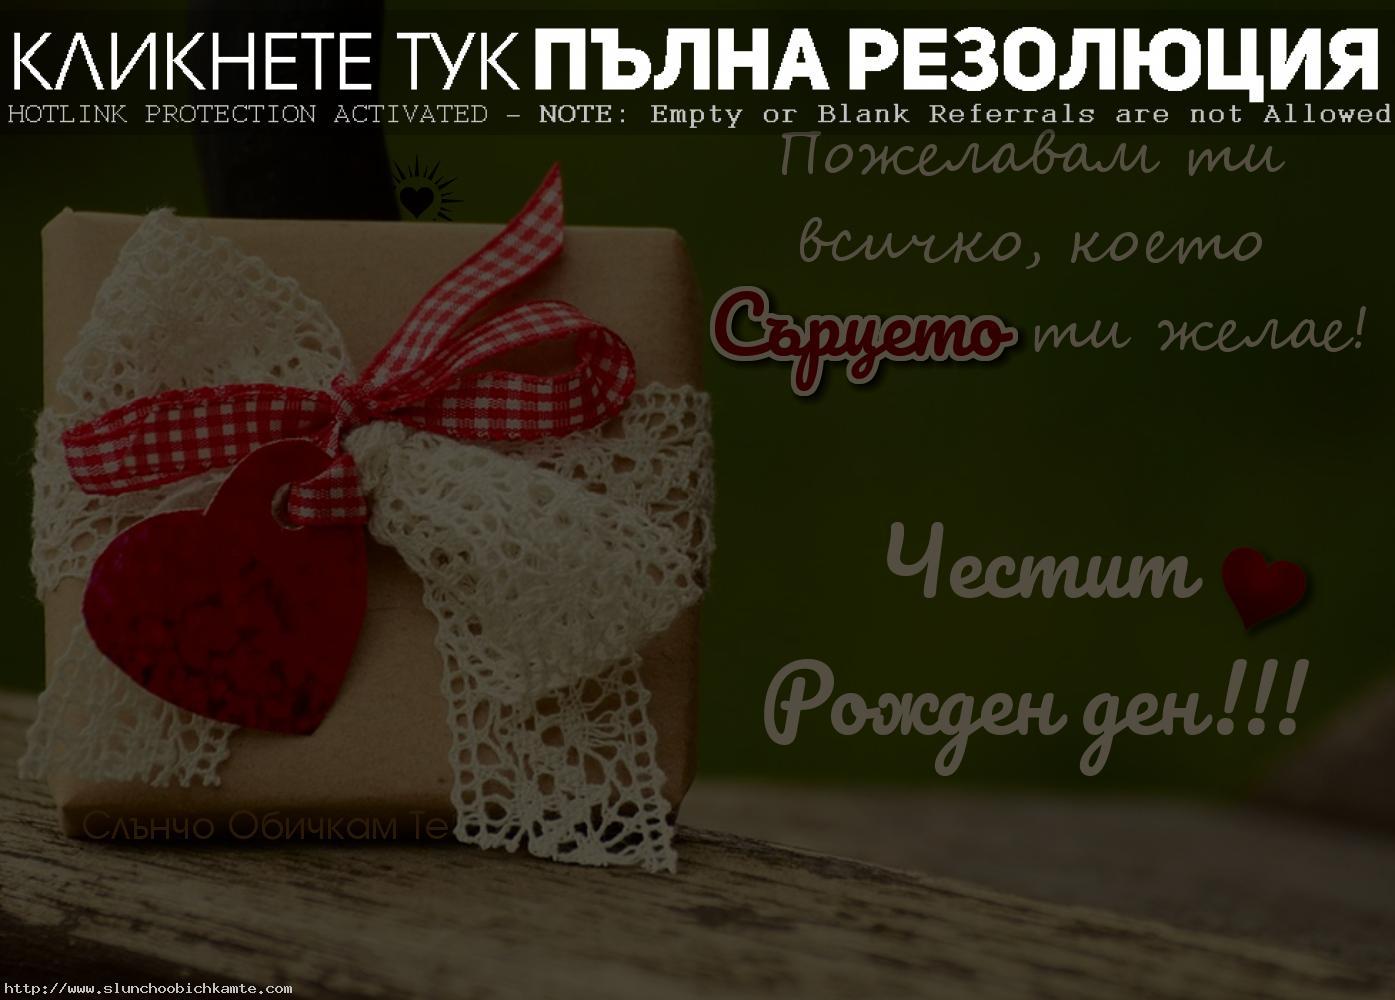 Пожелавам ти всичко, което сърцето ти желае! Честит рожден ден! - Картички за рожден ден, пожелания за рожден ден